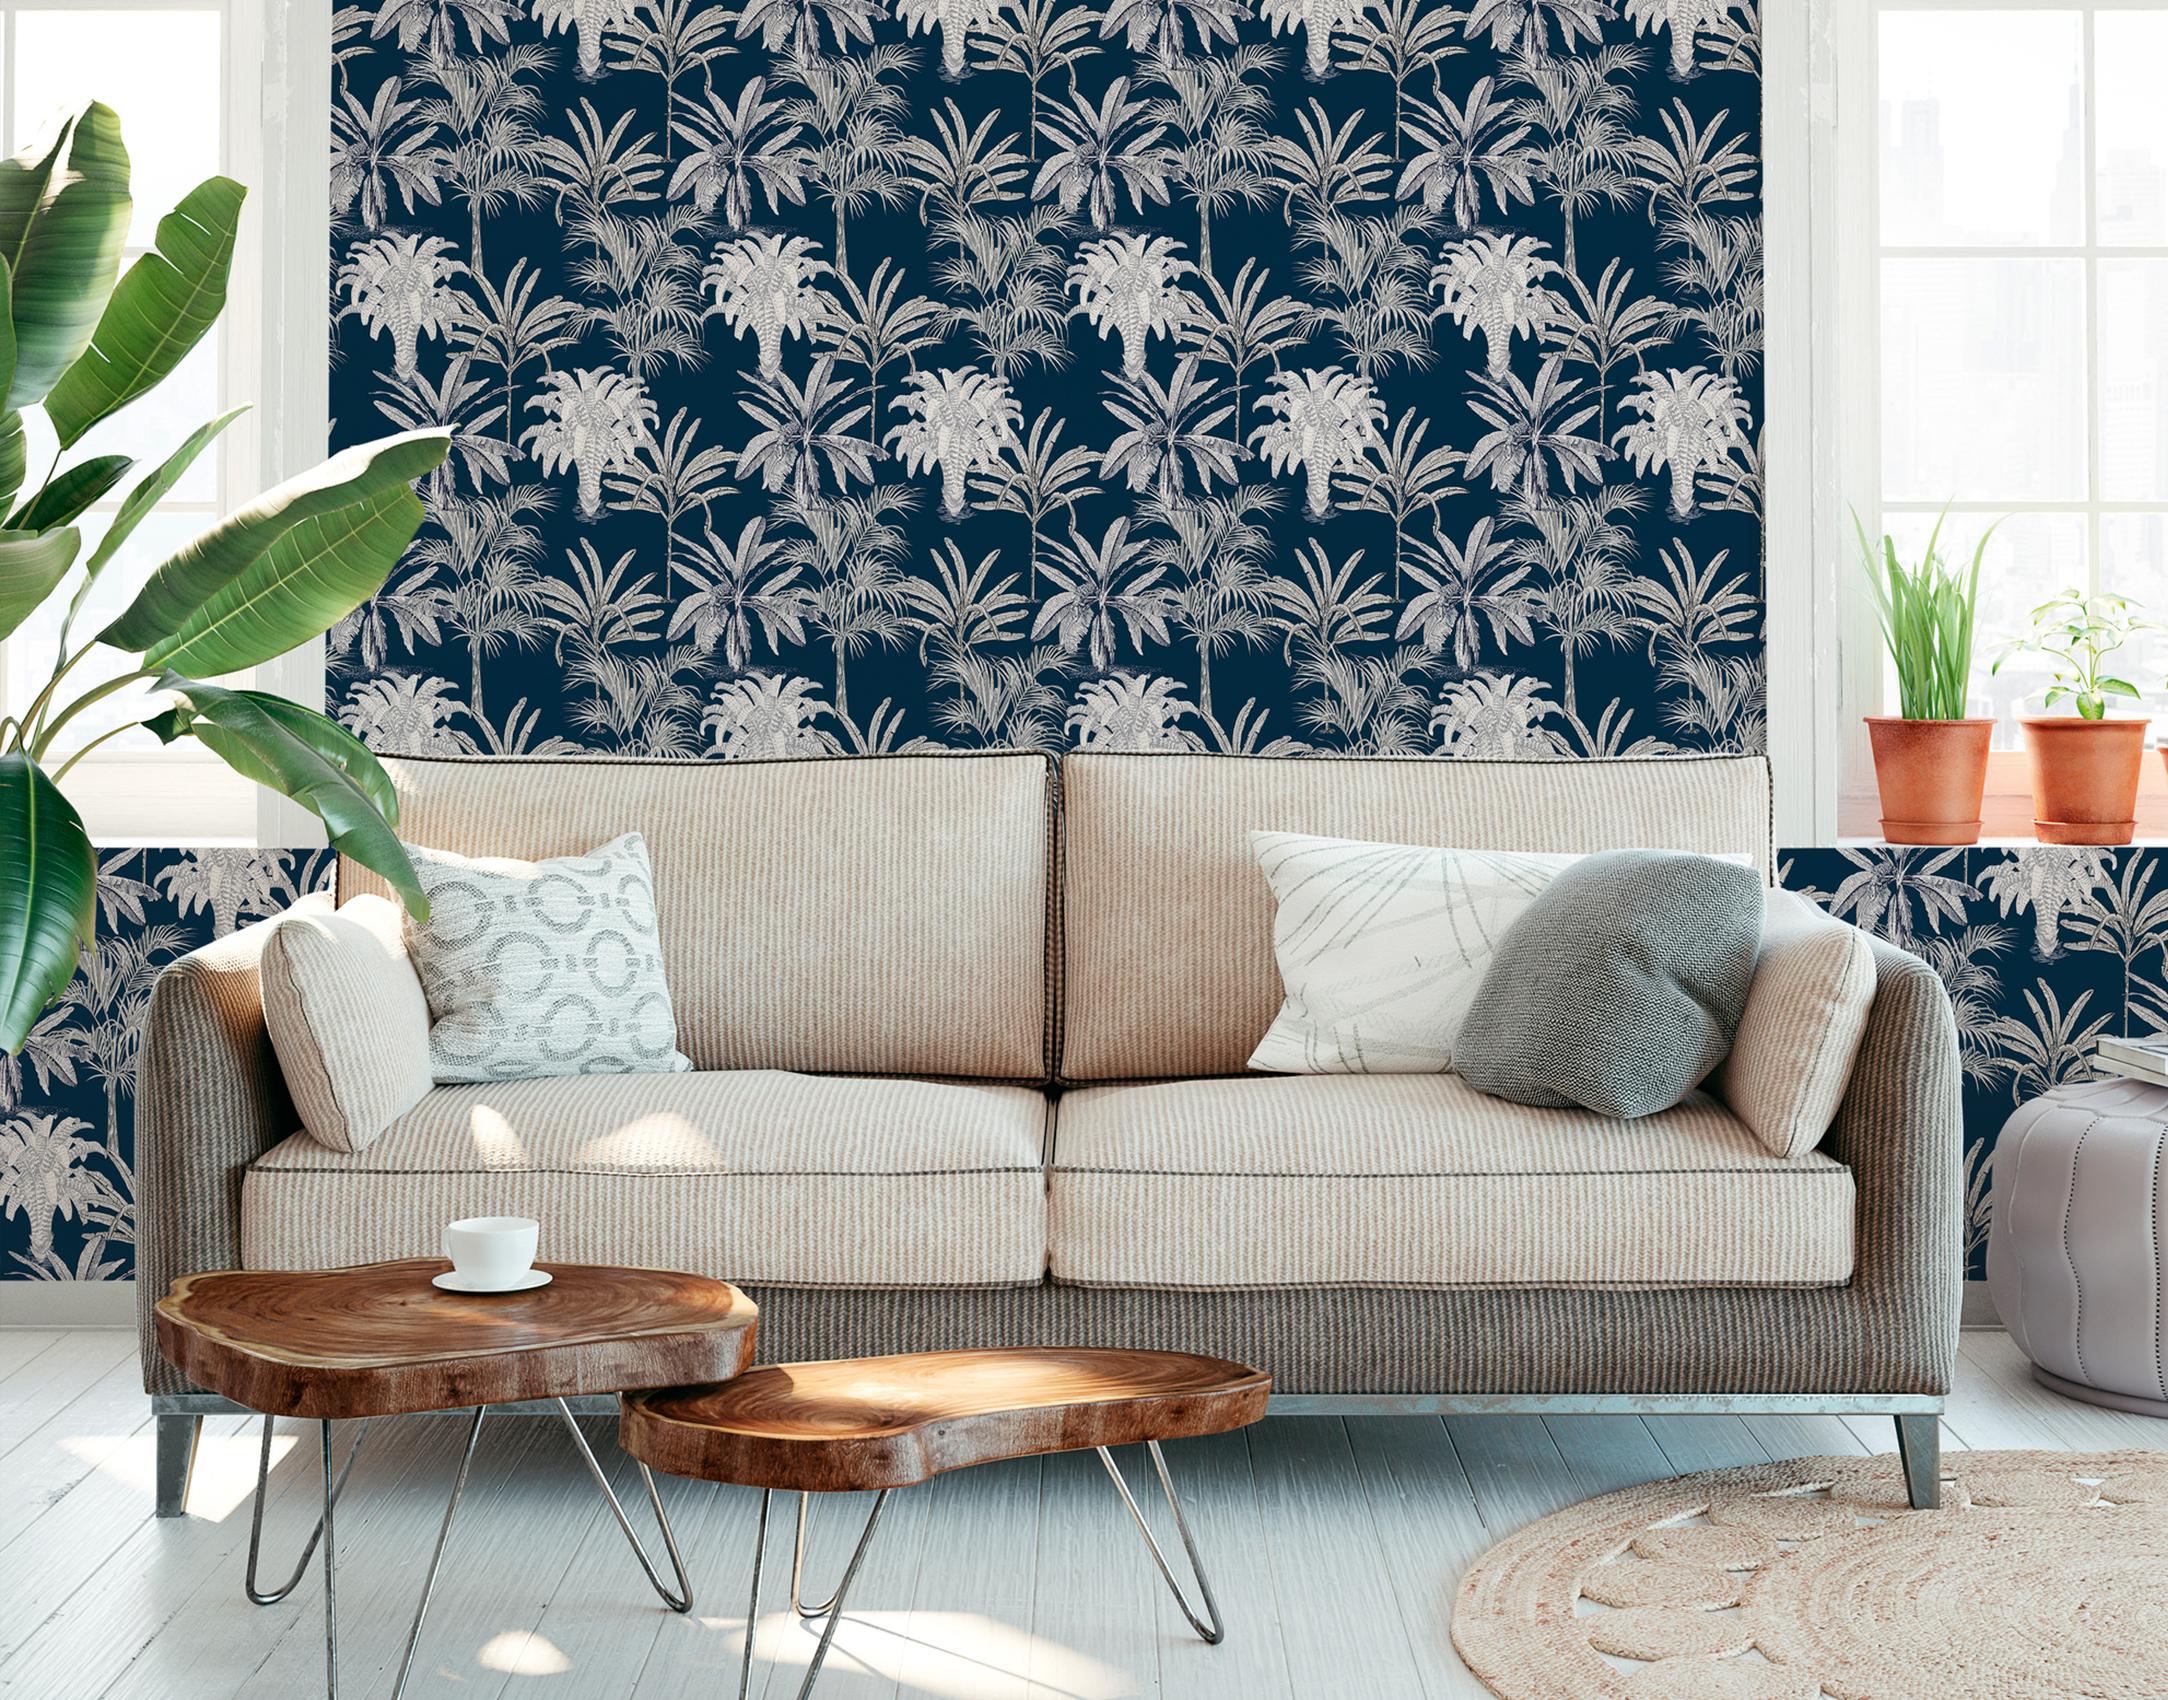 Wohnzimmer Ansicht mit moderer Tapete von Michalsky Lifing, Artikel AS379835